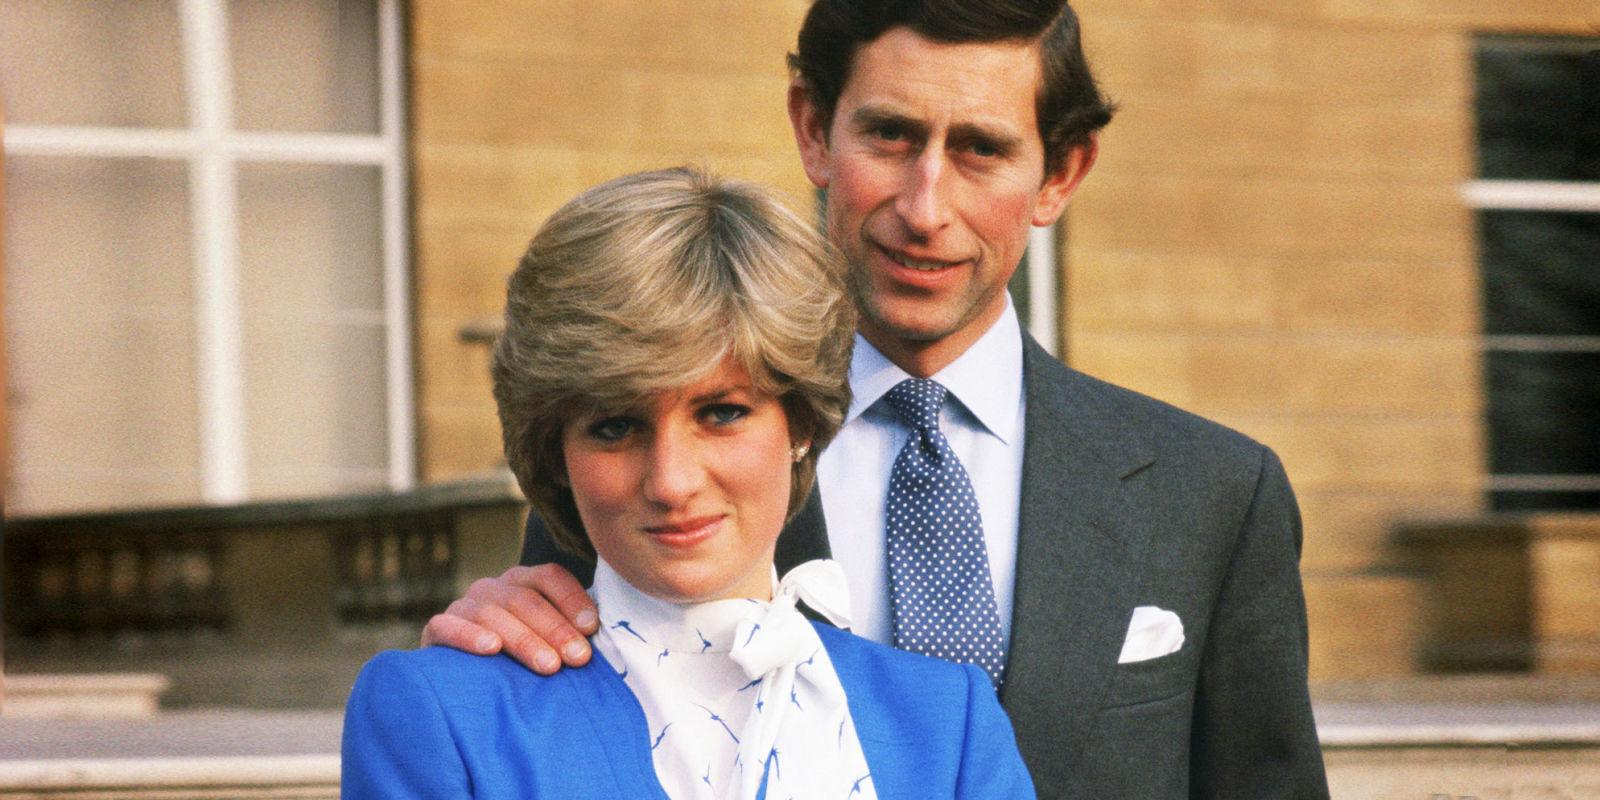 as palavras que o principe carlos pronunciou ao saber da morte de lady di movenoticias morte de lady di